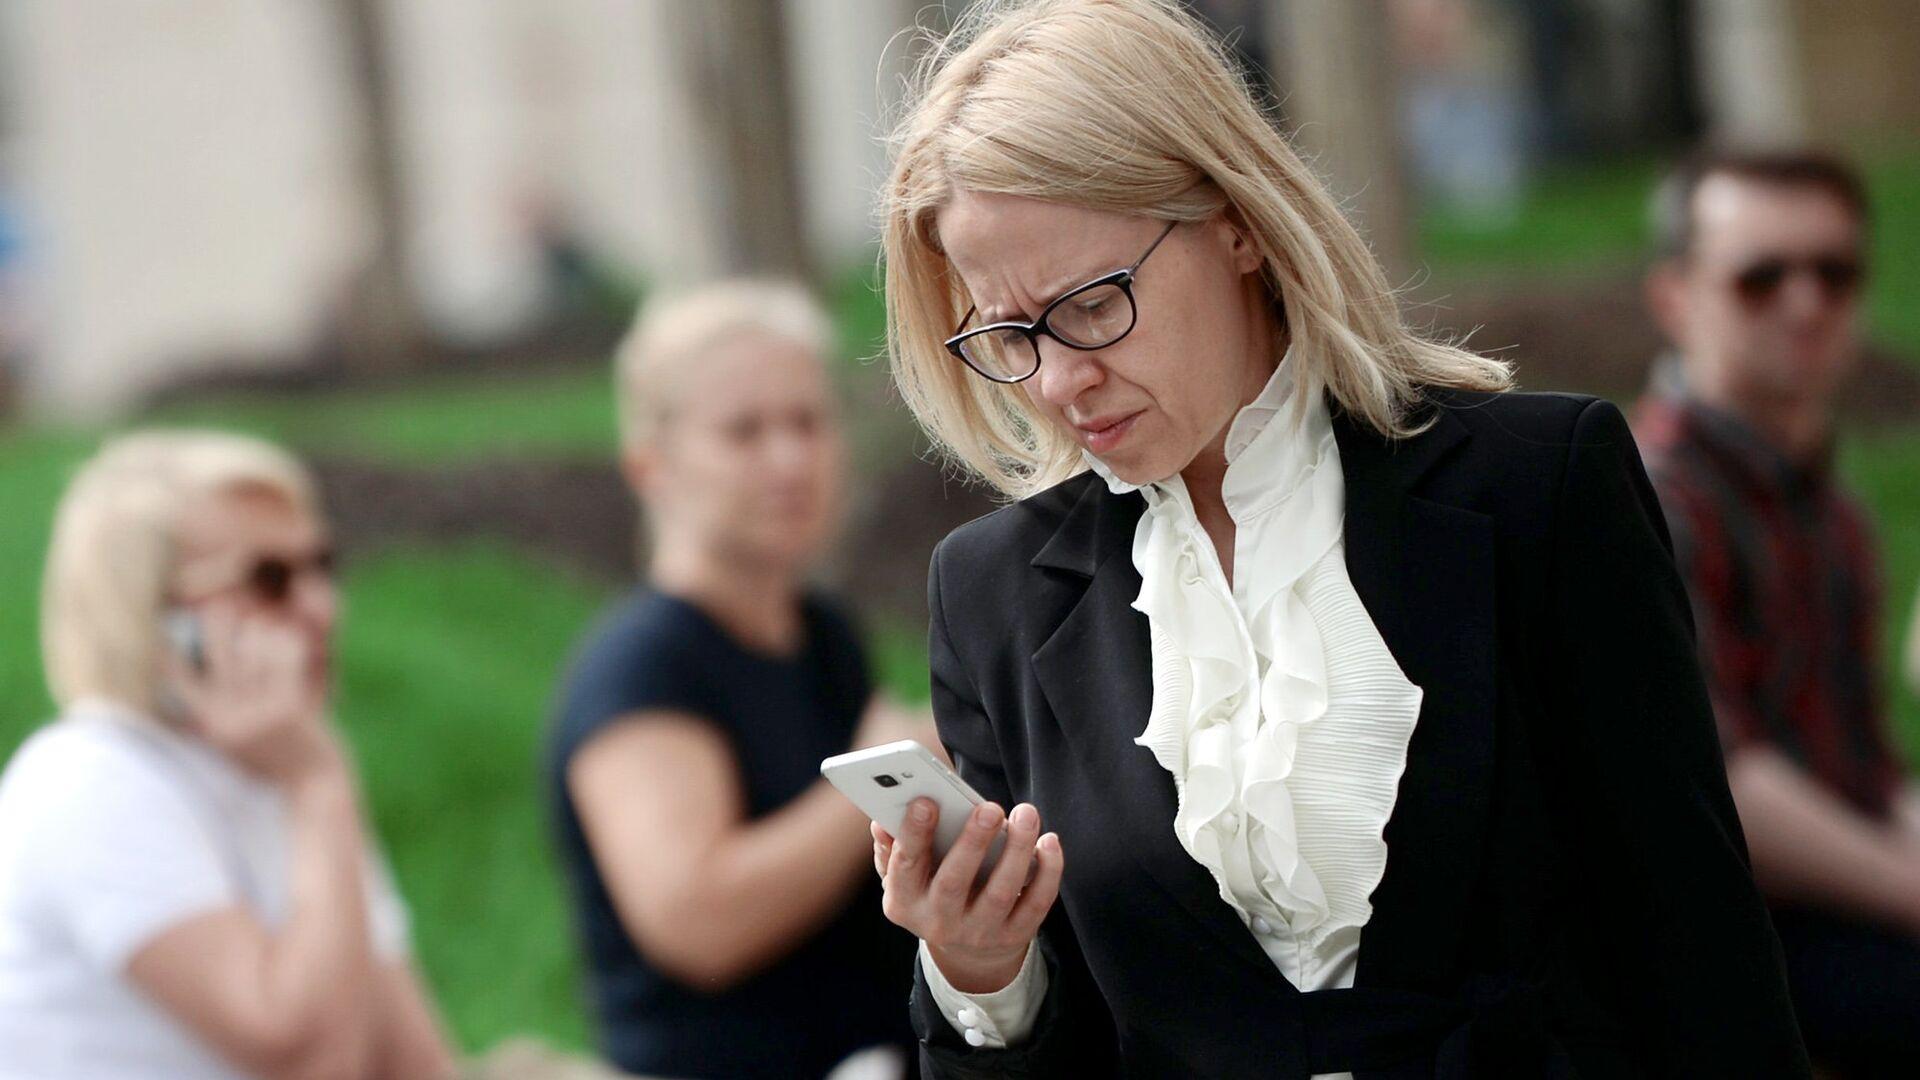 Женщина с мобильным телефоном  - РИА Новости, 1920, 21.07.2021